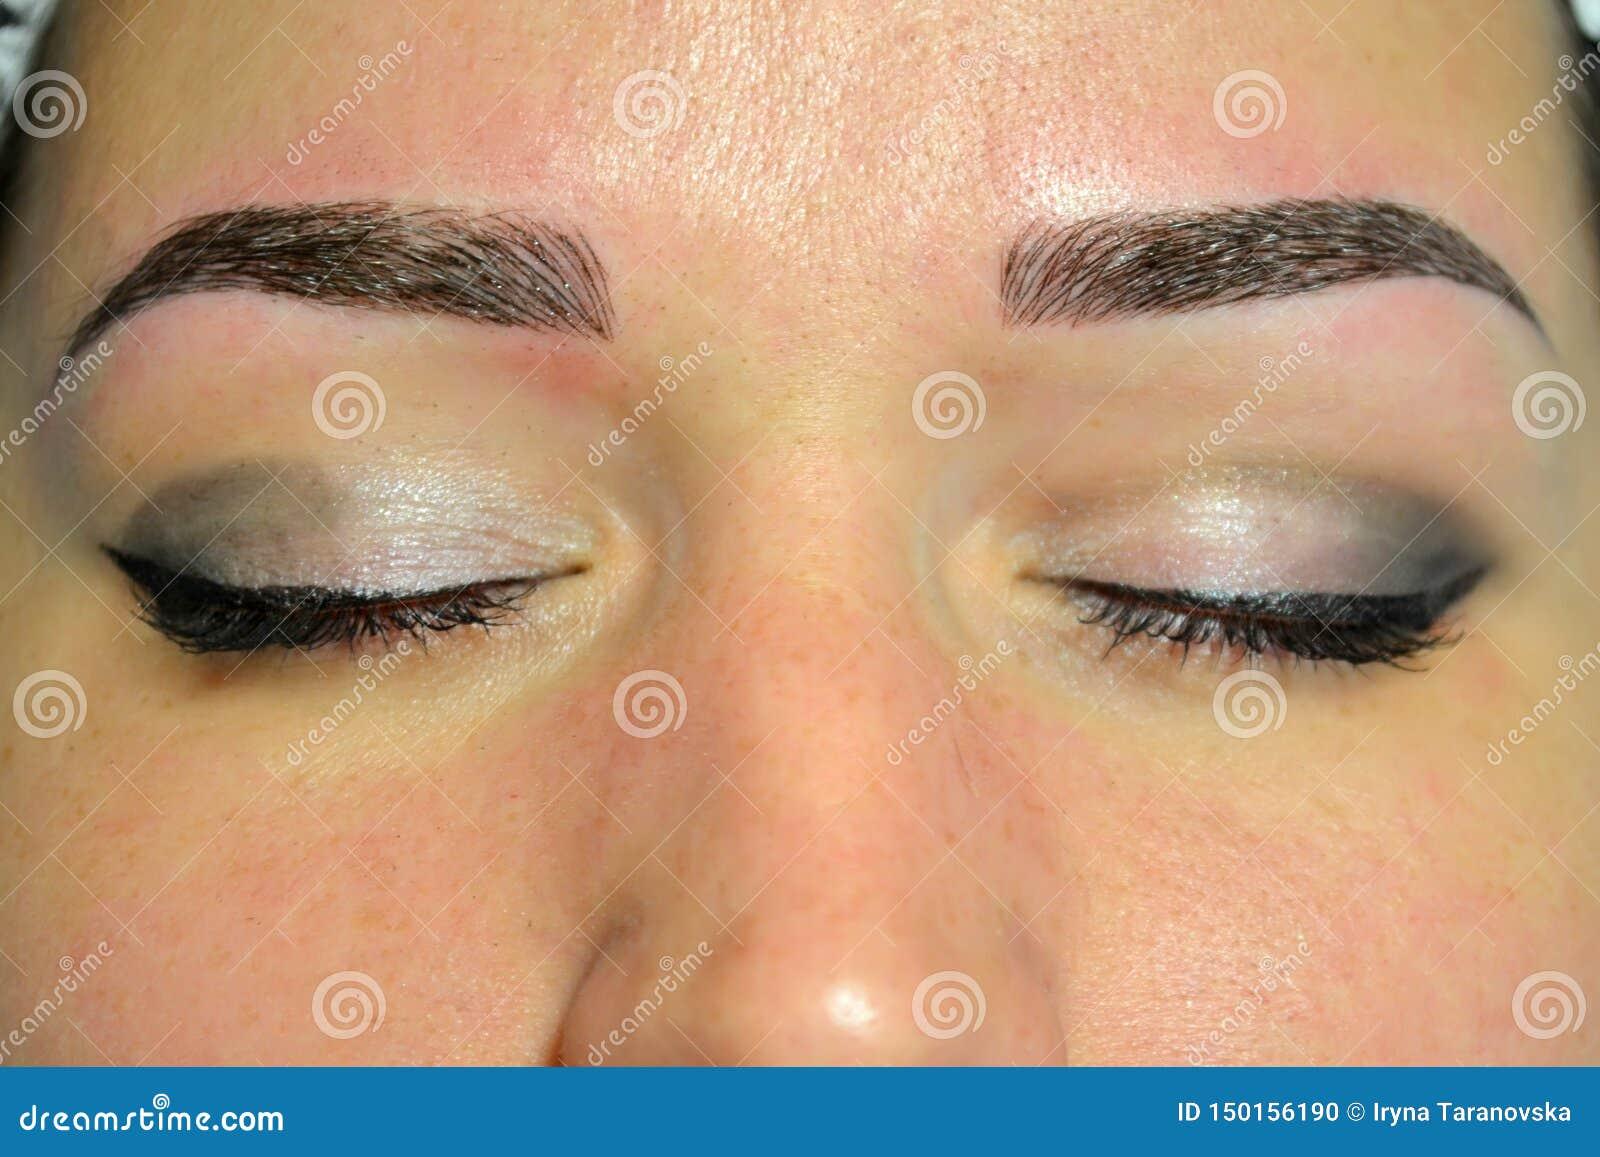 O resultado terminado de microblading, sobrancelhas escuras, composição permanente nas sobrancelhas